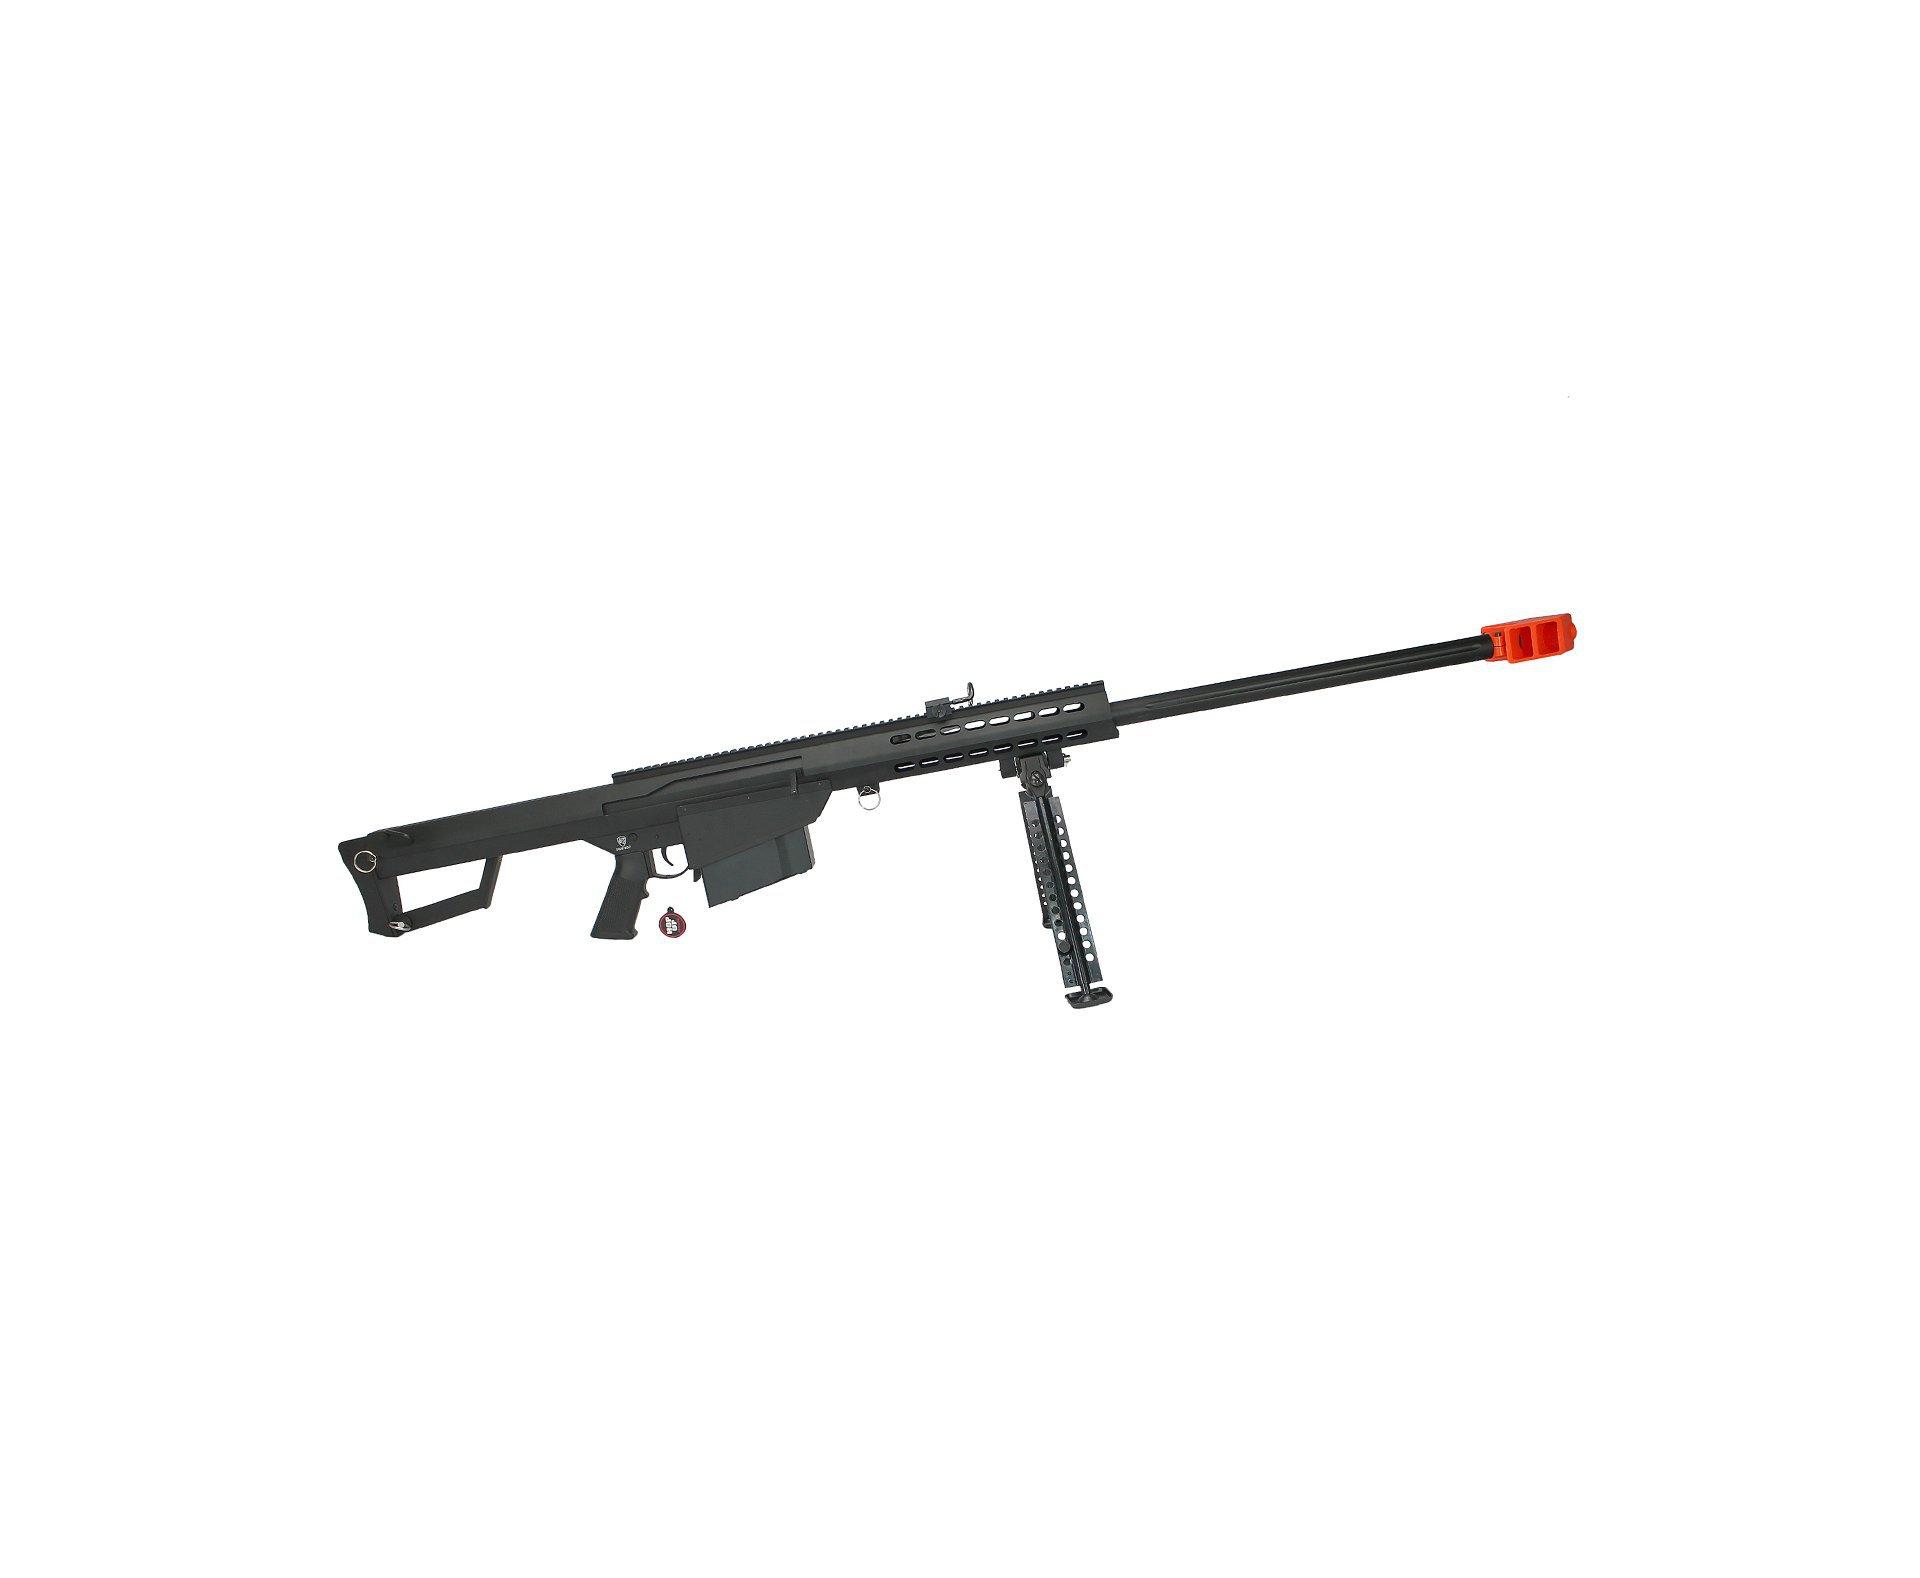 Rifle De Airsoft Sniper Barrett .50 Full Metal Cal 6.0mm - Aeg - 110 V